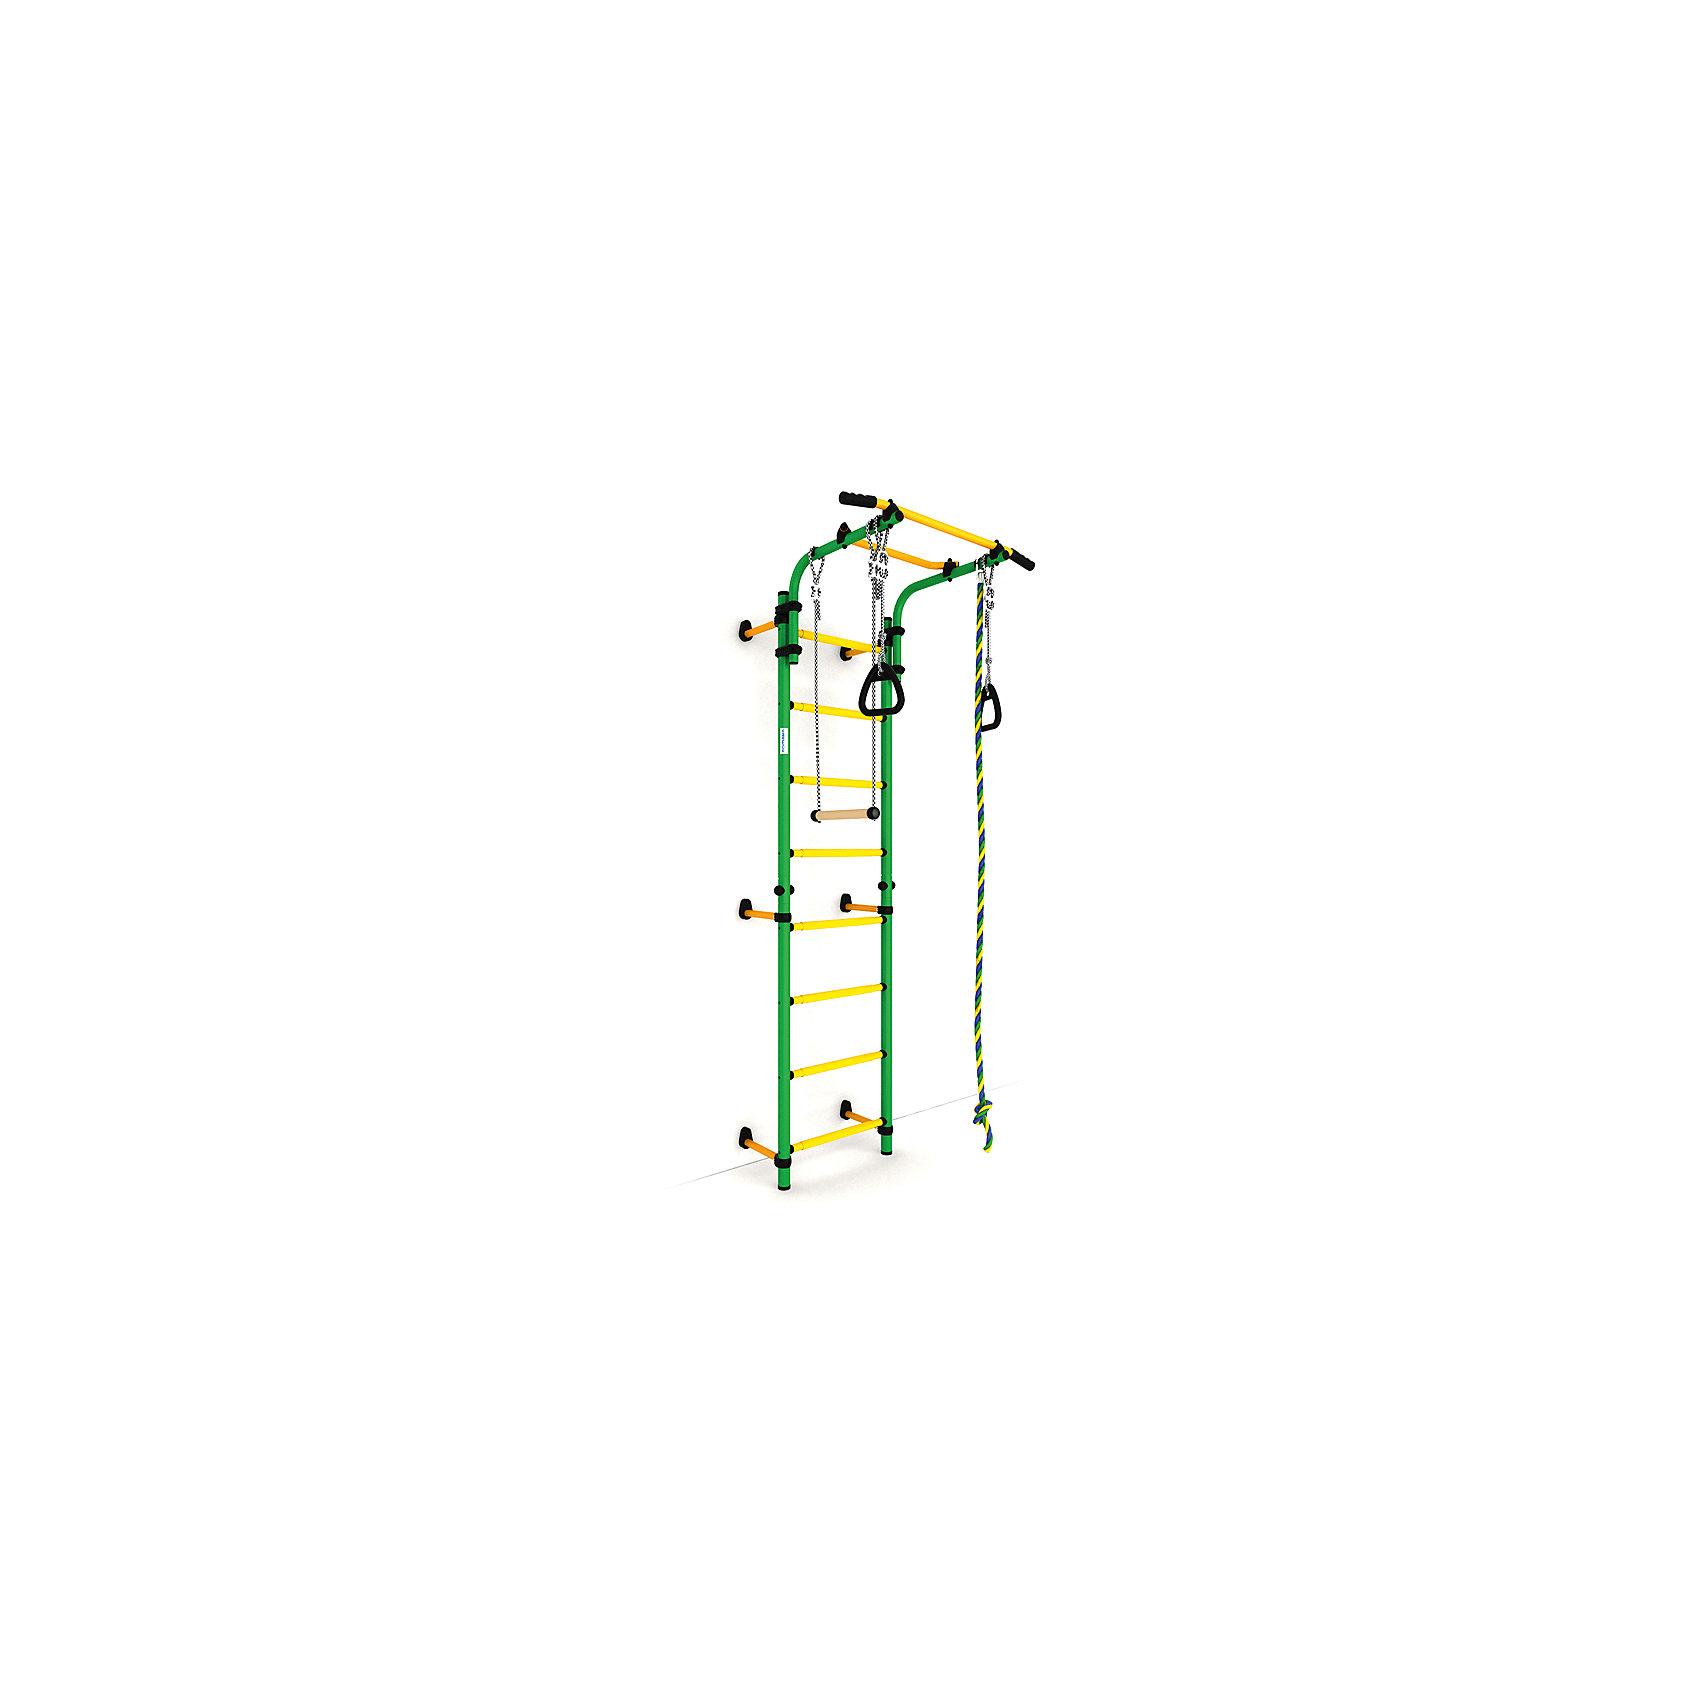 Комета NEXT-1 (490 мм), ROMANA, зеленый-желтыйКомета NEXT-1 (490 мм), ROMANA, зеленый-желтый.<br><br>Характеристики:<br><br>• Цвет: зеленый, желтый<br>• Высота: 2,27<br>• Ширина ступени: 490 мм<br>• Допустимый вес: 100кг<br>• Габариты: 86х82 см<br>• Материал: металл<br><br>Удобный и безопасный спортивный комплекс крепится враспор, что позволяет сохранить потолки и стены от сверления. В комплекте подвижный турник, спортивная трапеция, прочный канат, шведская стенка и гимнастические кольца. Выполнено все из качественного и прочного металла. Турник регулируется по высоте. Перекладины с анти-скользящим покрытием, ступени не охлаждаются и имеют массажное покрытие.<br><br>Комета NEXT-1 (490 мм), ROMANA, зеленый-желтый можно купить в нашем интернет-магазине.<br><br>Ширина мм: 1160<br>Глубина мм: 610<br>Высота мм: 140<br>Вес г: 25000<br>Возраст от месяцев: 36<br>Возраст до месяцев: 192<br>Пол: Унисекс<br>Возраст: Детский<br>SKU: 4993370